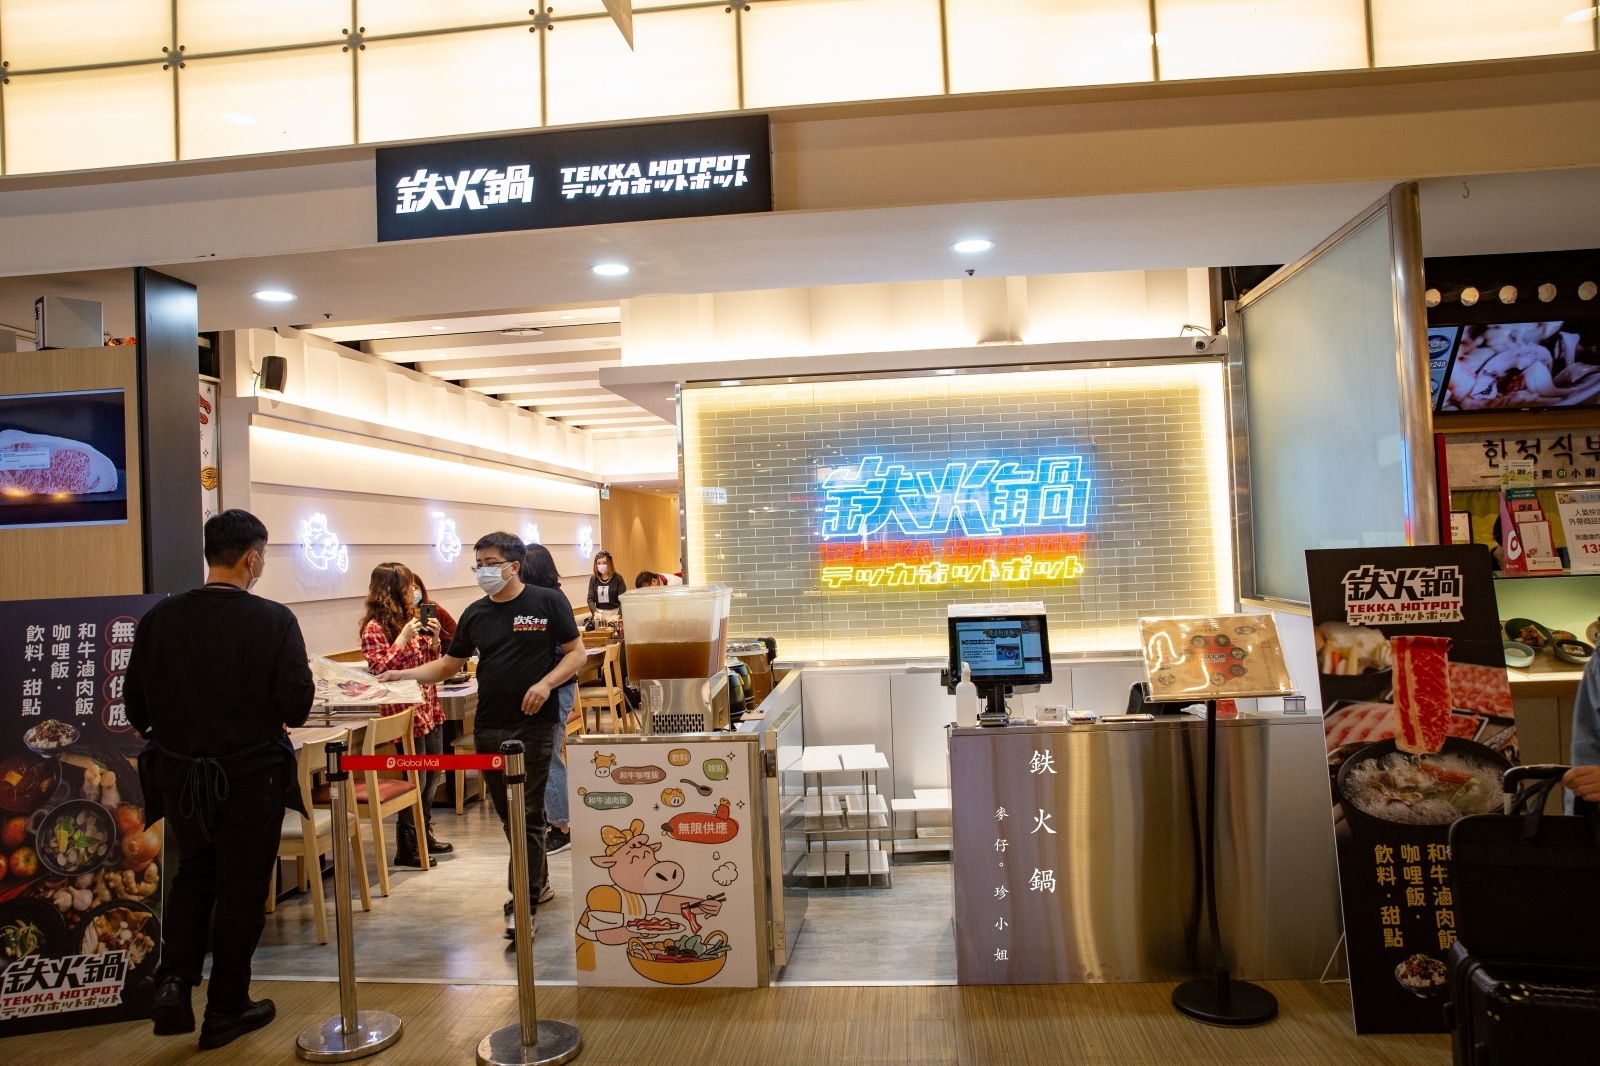 板橋車站Glabl mall最夯和牛滷肉飯吃到飽~樂軒旗下平價火鍋新品牌『鉄火鍋』,只要298元起輕鬆品嚐,超過70顆蛤蠣的卜卜蜆鍋必點|捷運板橋站美食